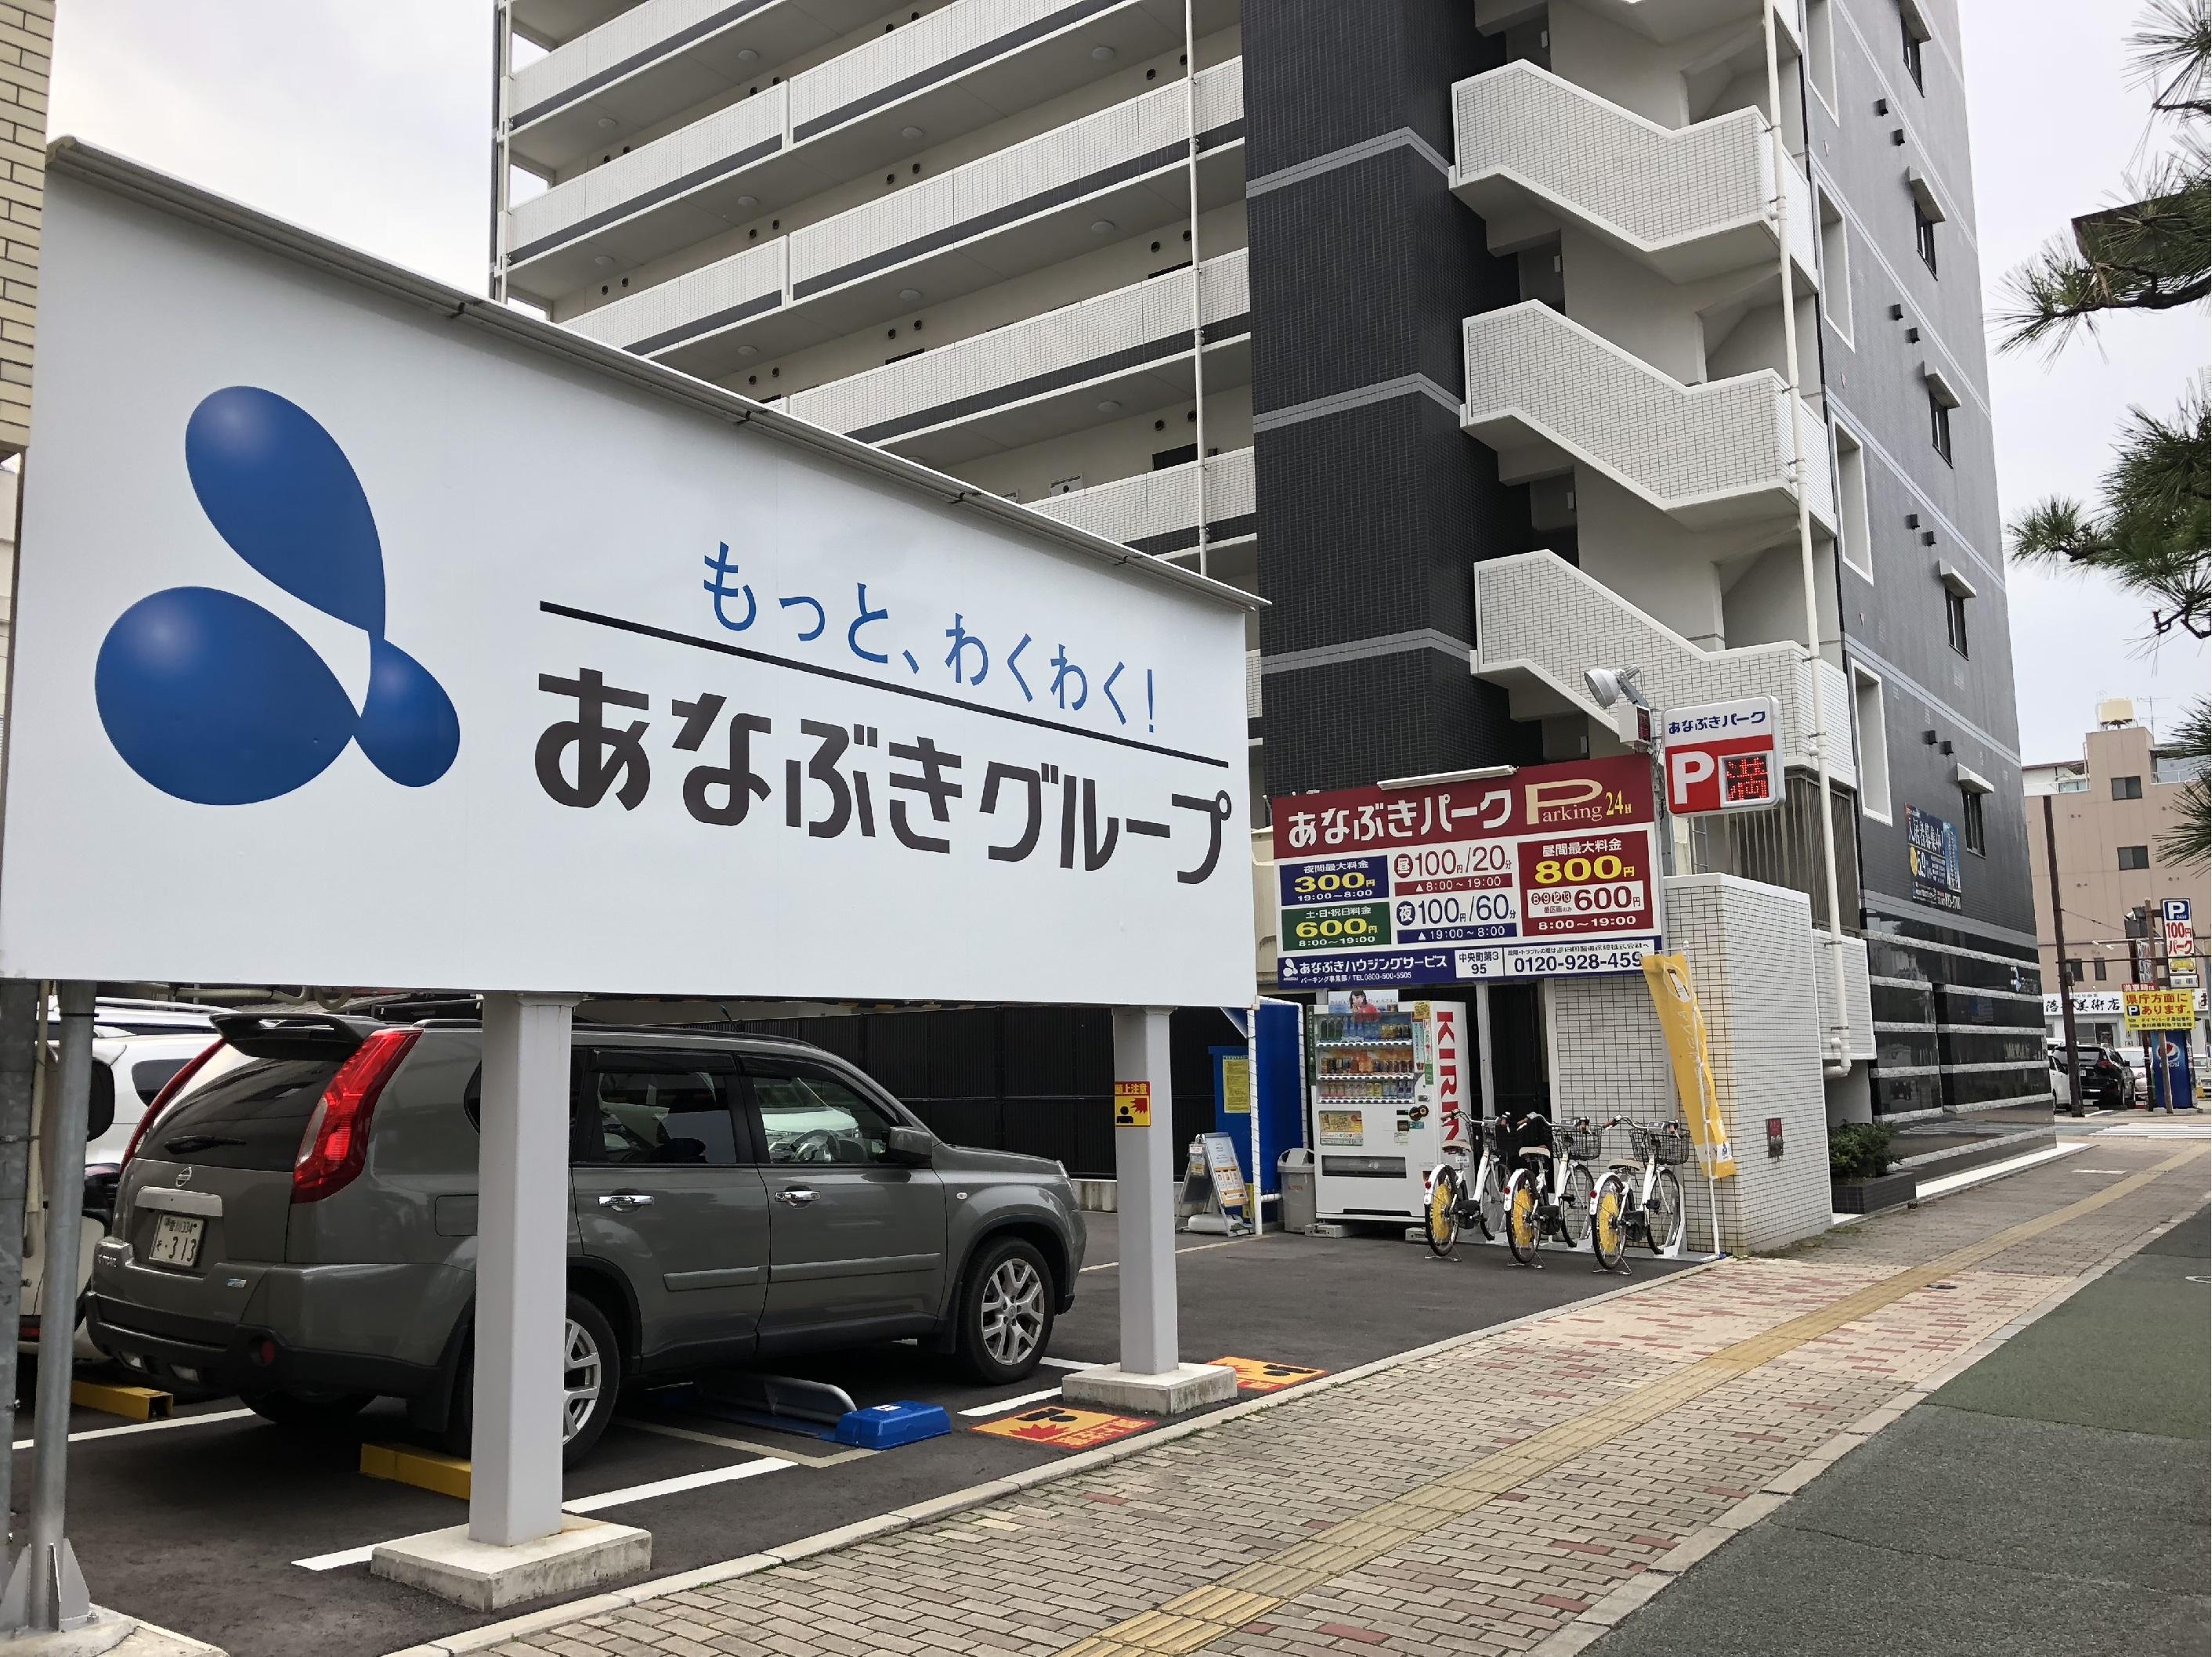 天神前交差点(あなぶき中央町第3パーキング) (HELLO CYCLING ポート) image